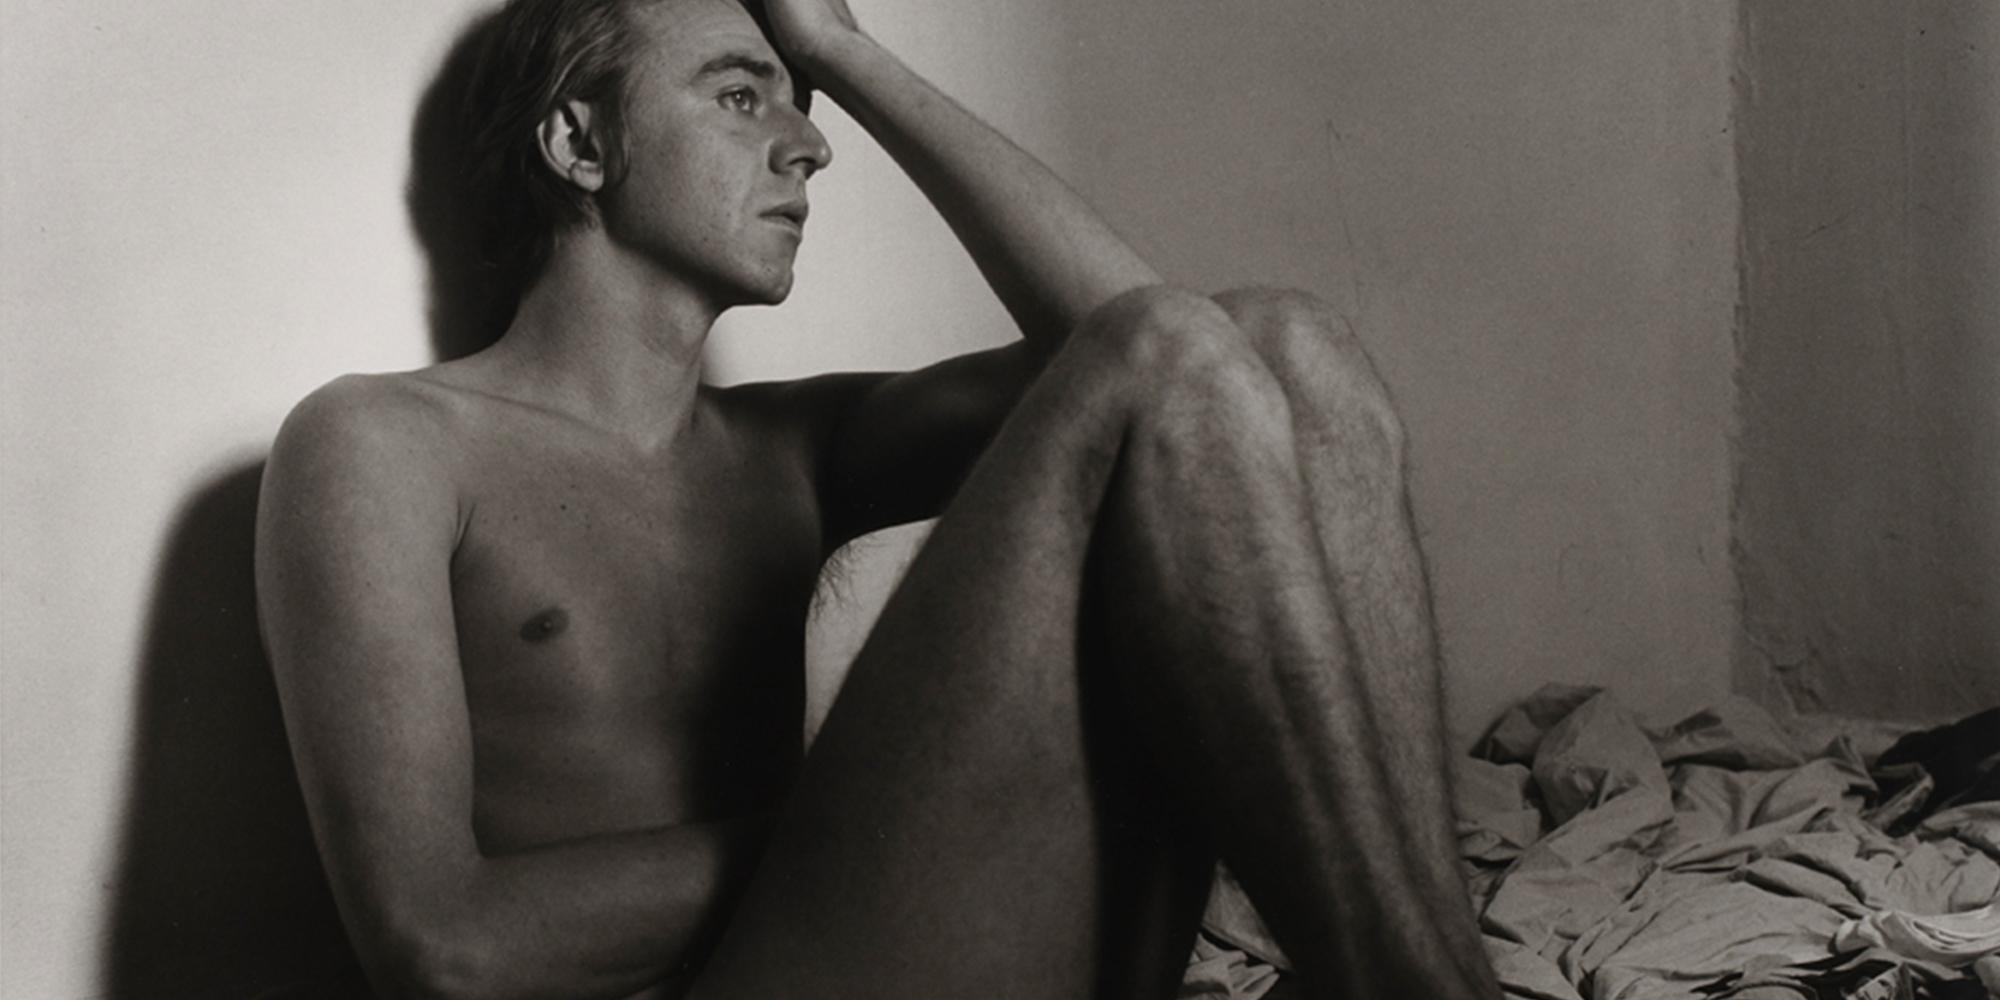 Fotógrafo Peter Hujar revela nudes gays, drag queens y gente queer de 1970 NYC